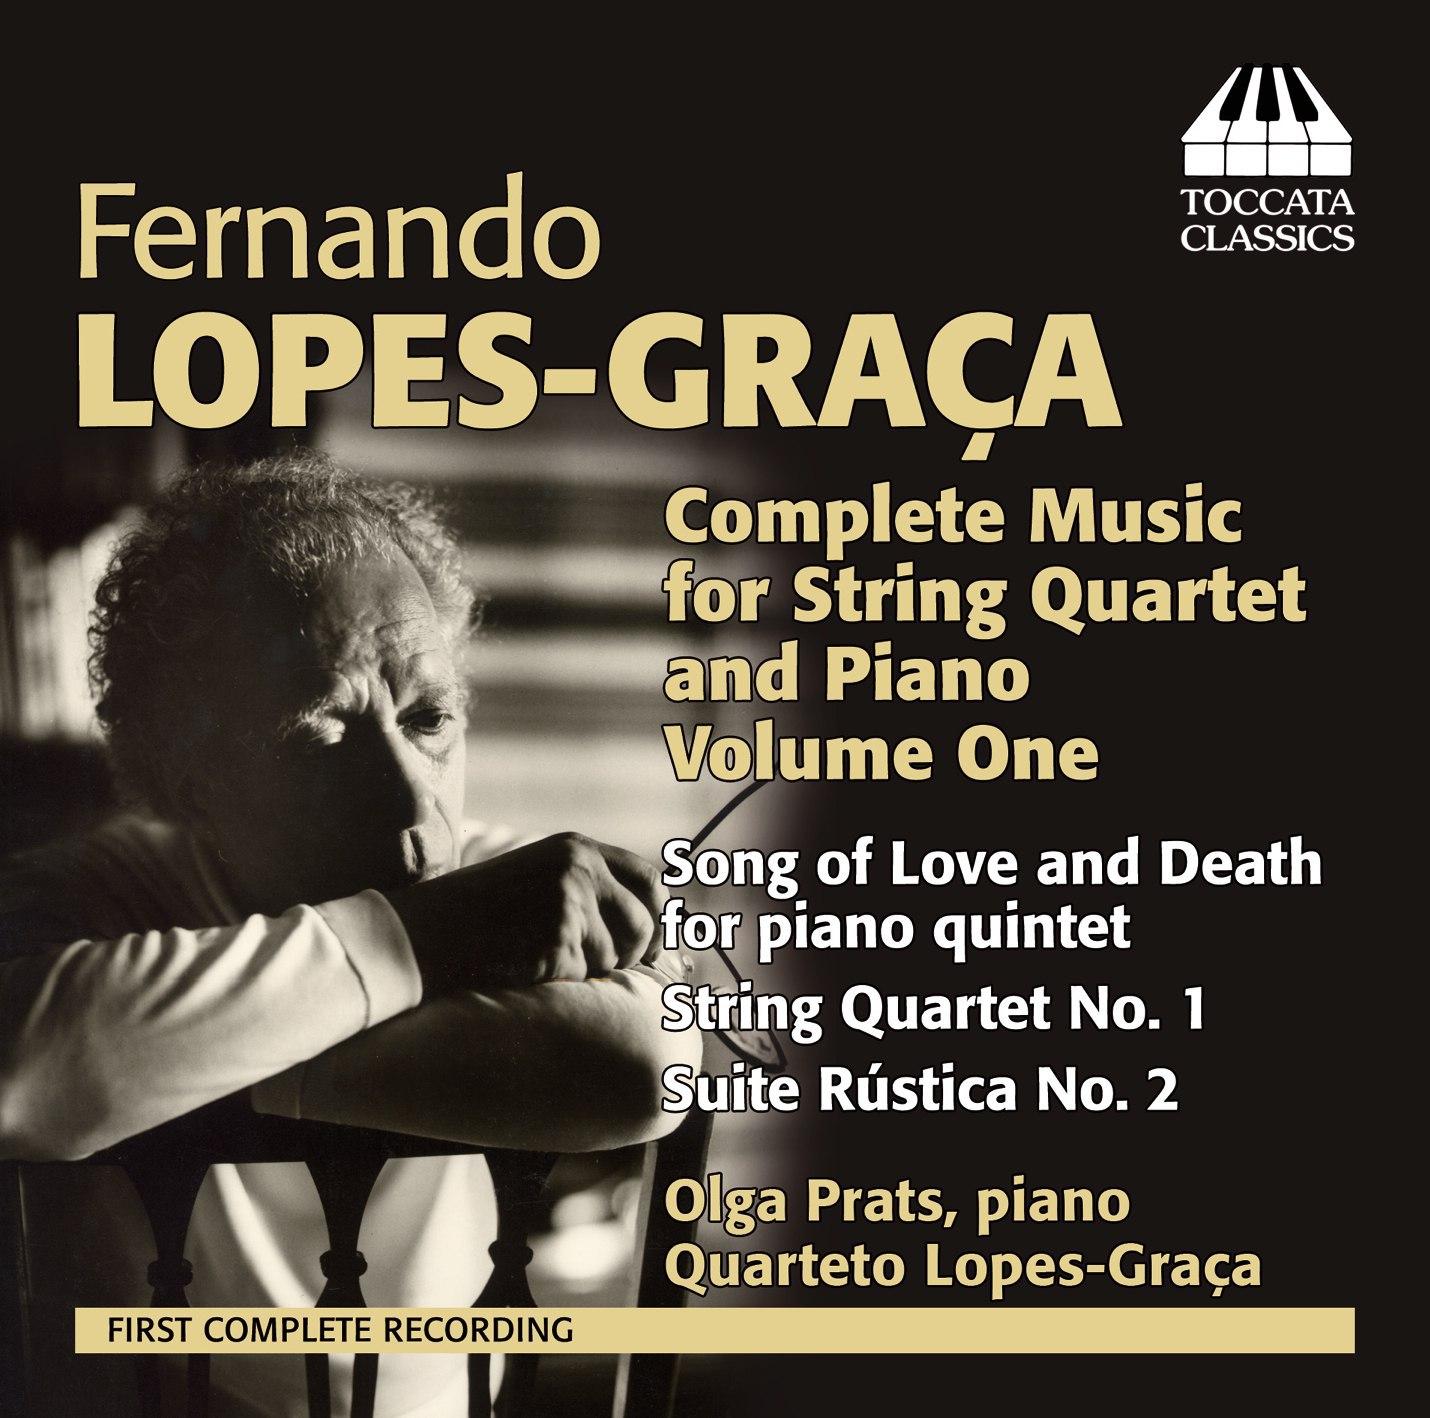 Fernando Lopes-Graça: Complete Music for String Quartet and Piano